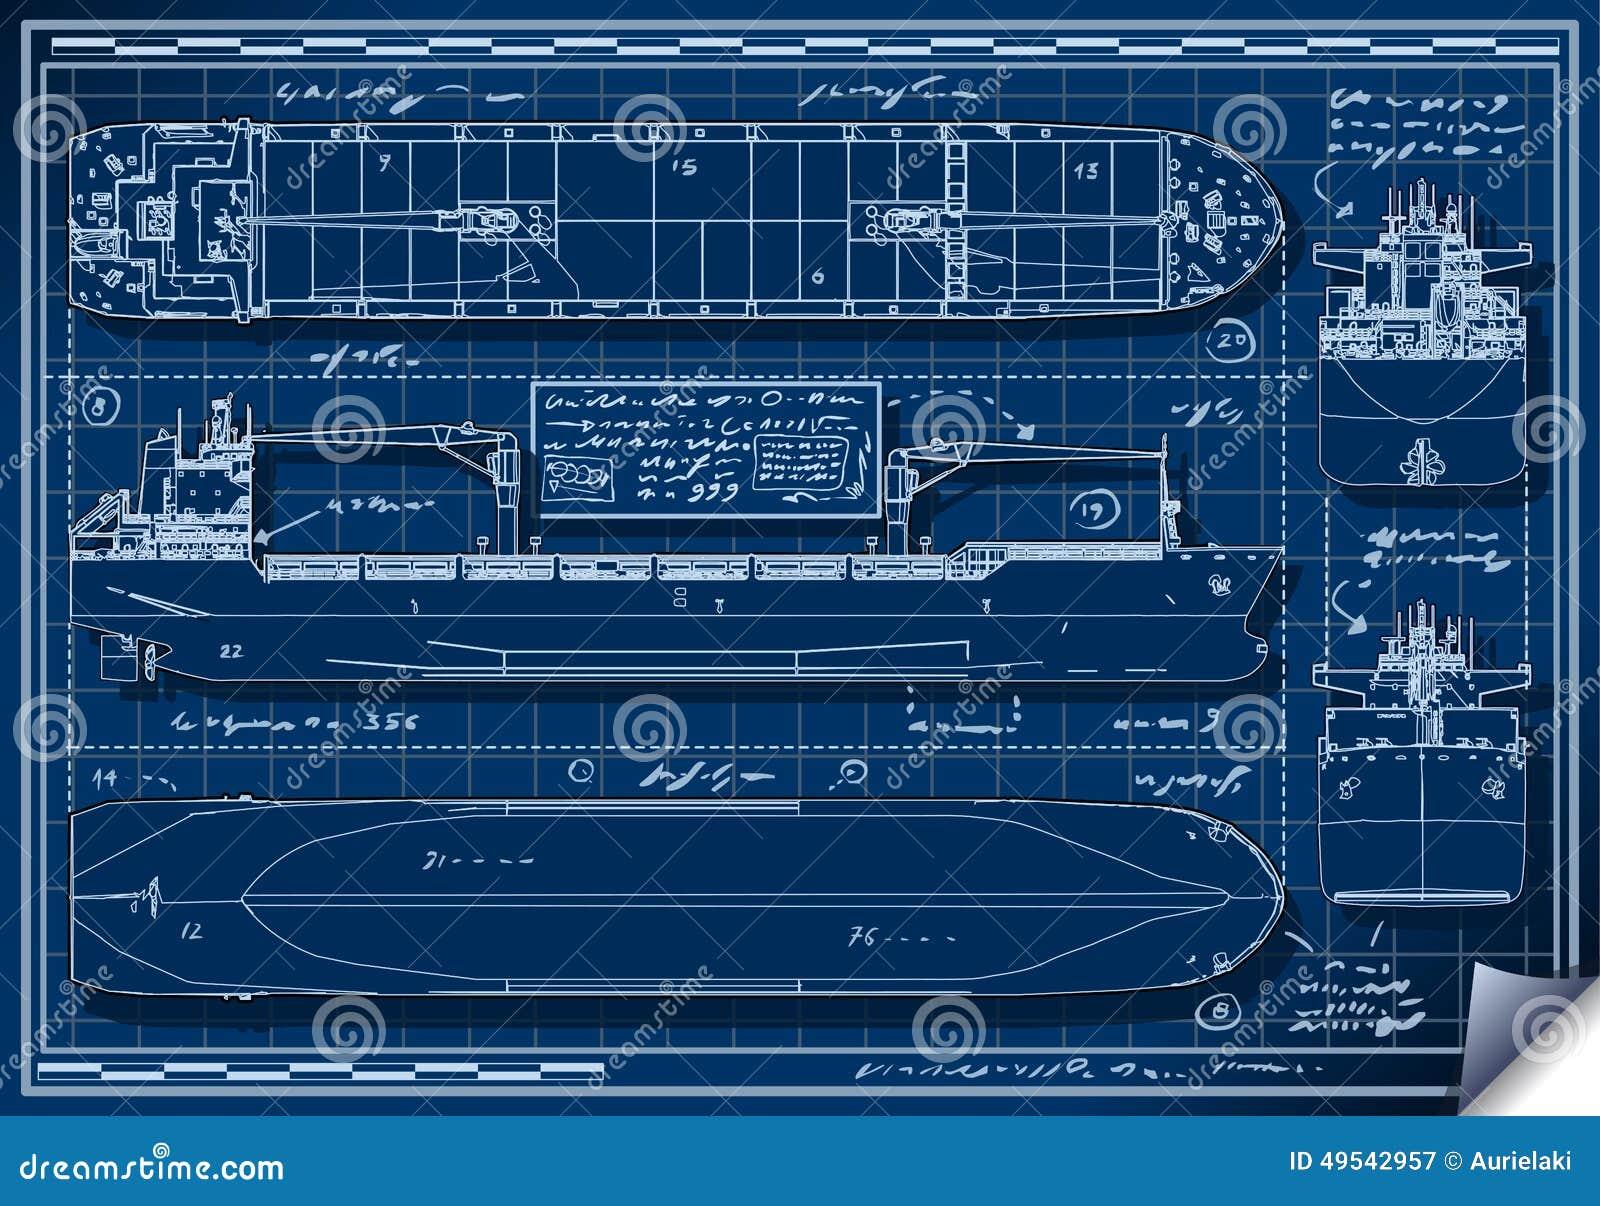 Orthogonale Blaupause Eines Frachtschiffs Vektor Abbildung ...